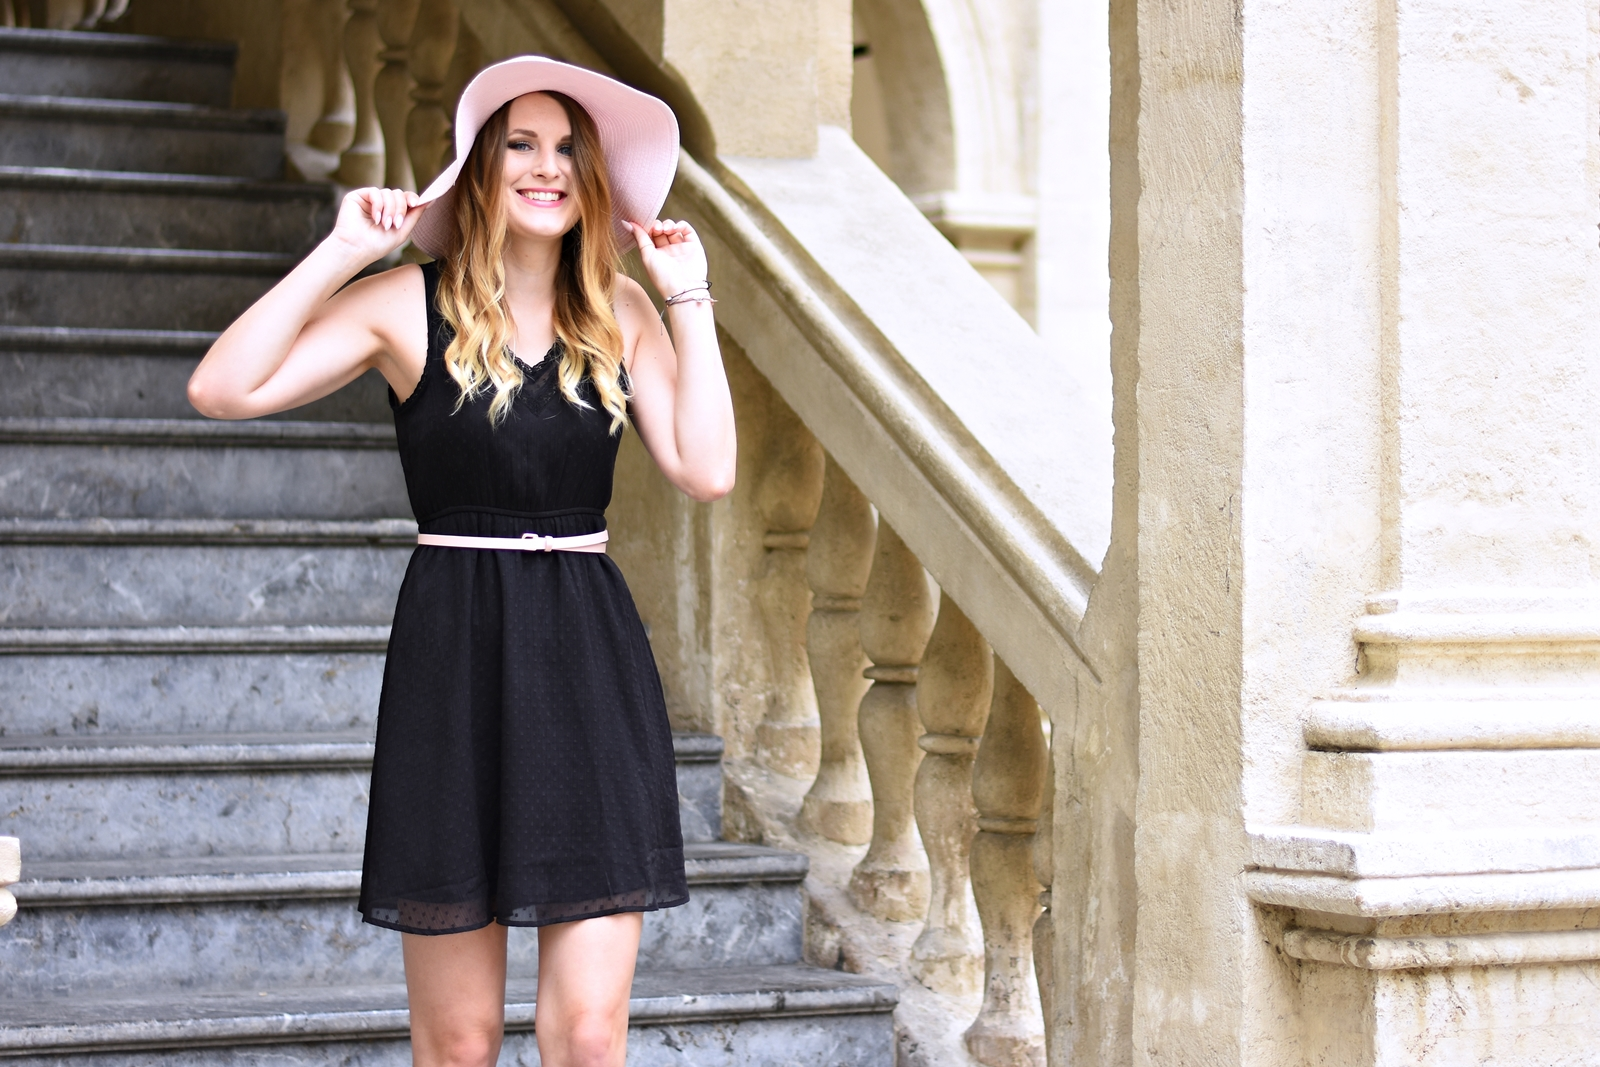 Das kleine Schwarze - sommerlich gestylt - Sommer Kombination - schwarzes Kleid - Outfit - Mode - Style - Trend - Sonnenhut - Keil Schuhe - how to style a black dress for summer - summer trend - Blogparade Fashionladyloves by Tamara Wagner - Fashionblog